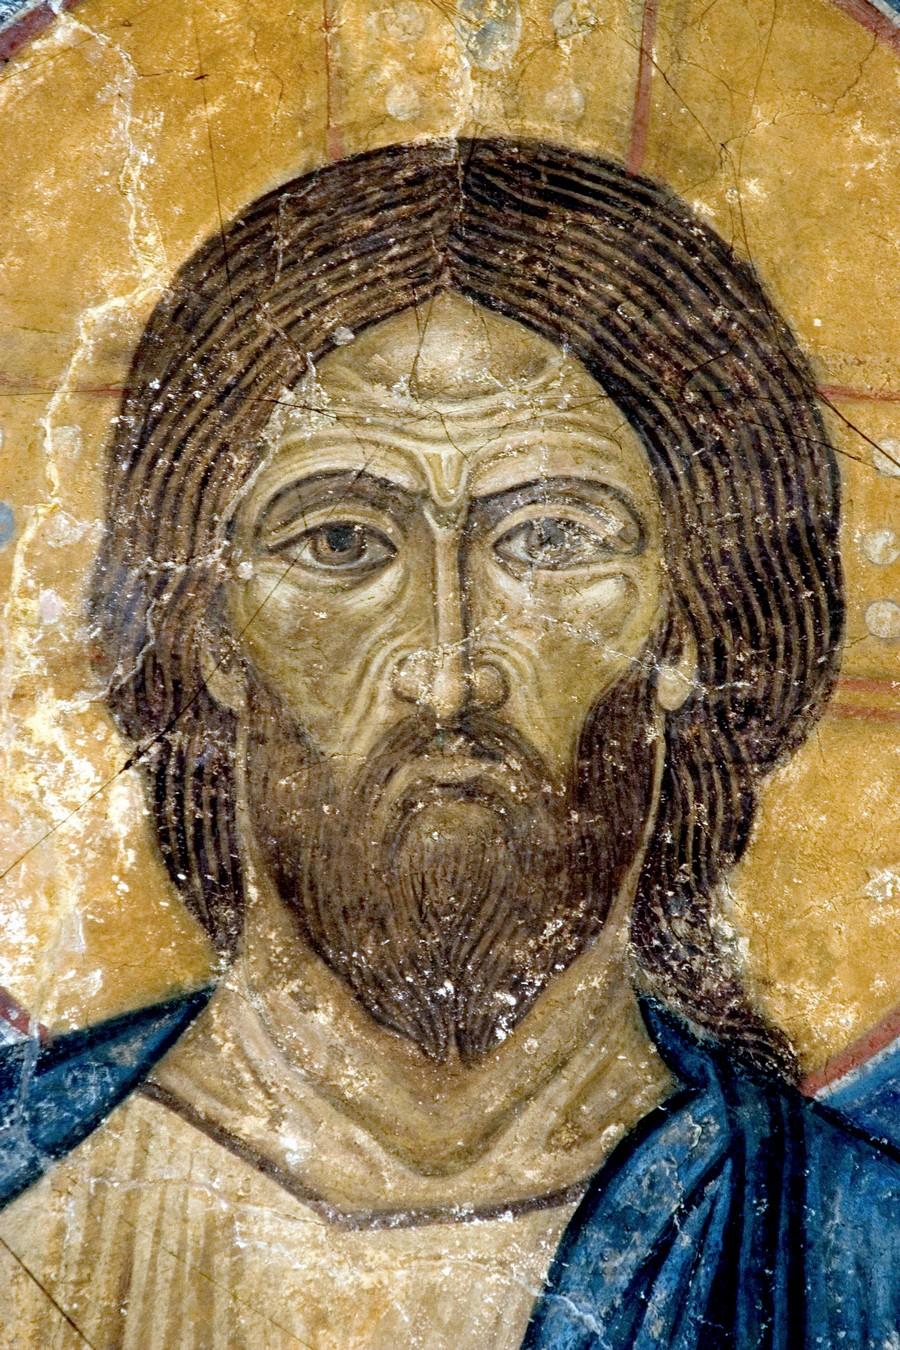 Господь Иисус Христос на Престоле. Фреска Спасо-Преображенского собора Мирожского монастыря в Пскове. Около 1140 года. Фрагмент.